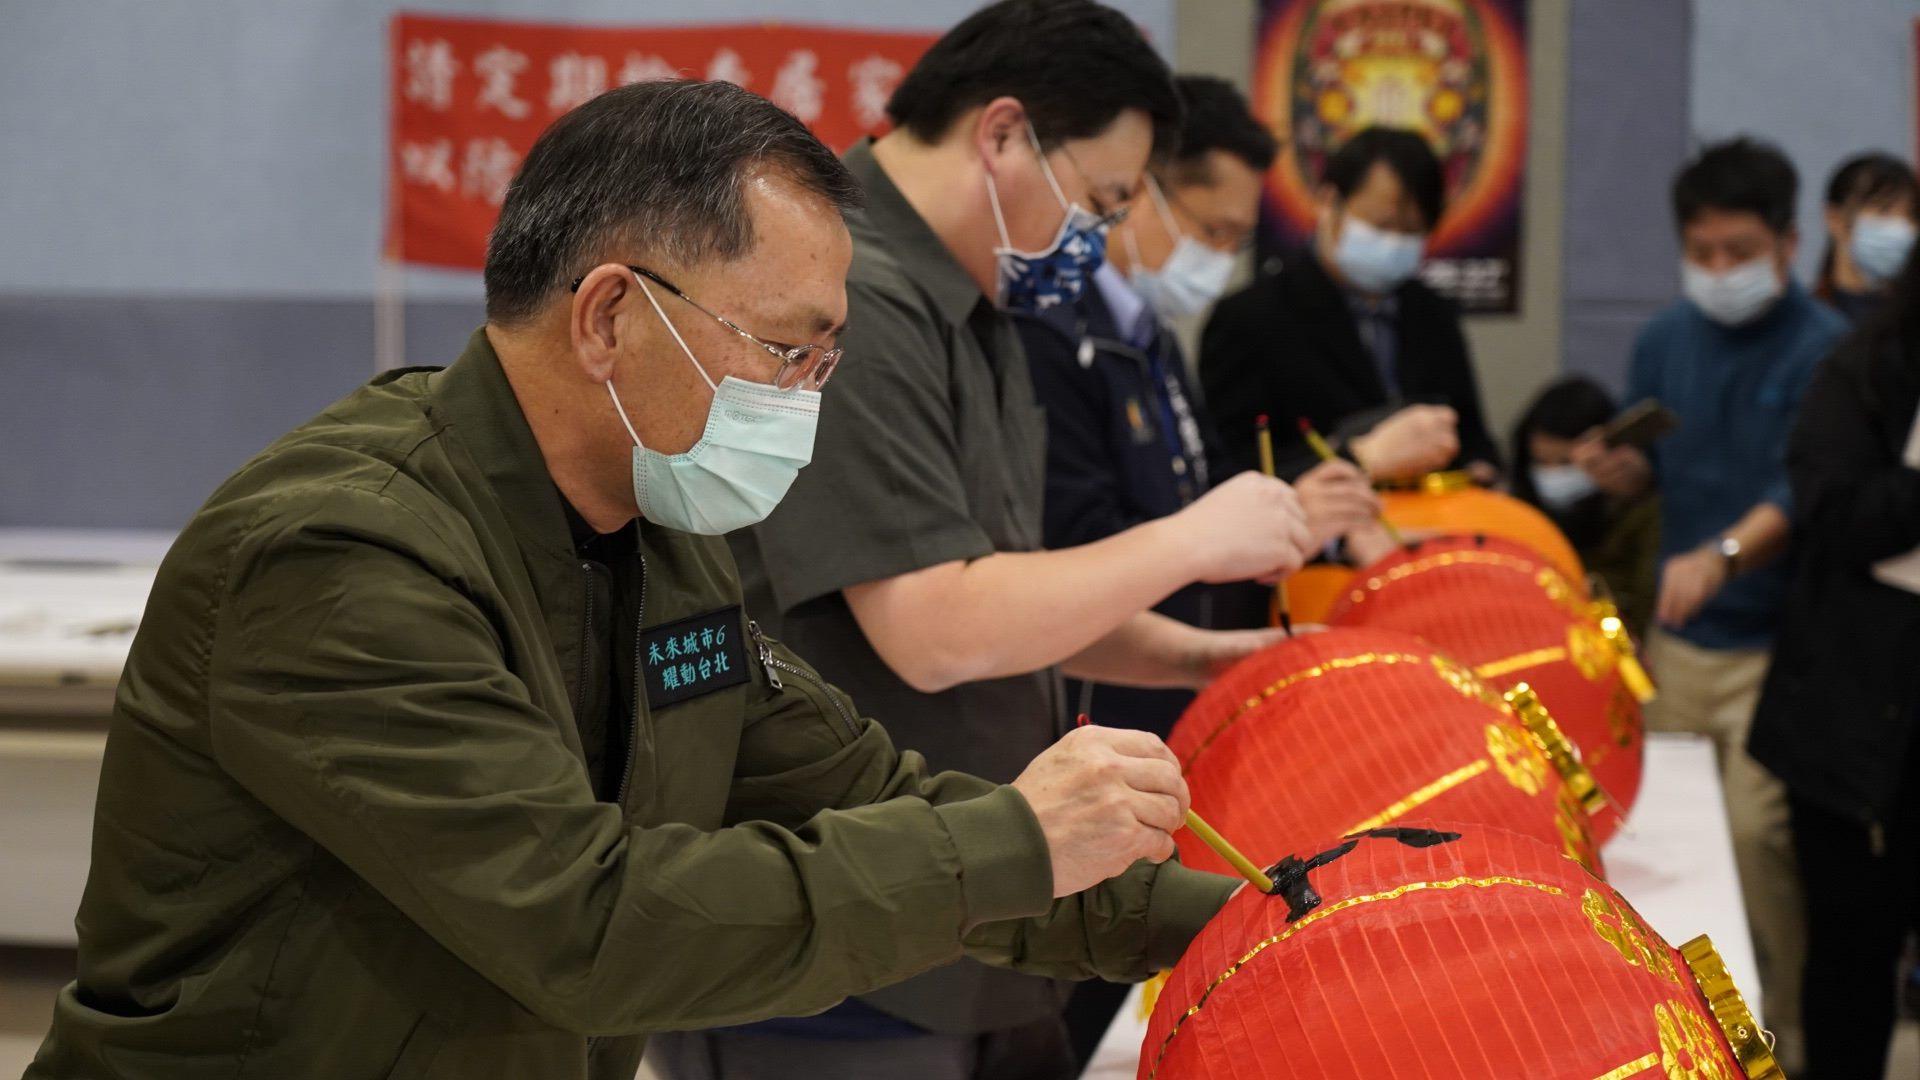 臺北市政府副市長蔡炳坤、觀光傳播局劉奕霆局長手繪燈籠,為2021台北燈節暖身祈福。